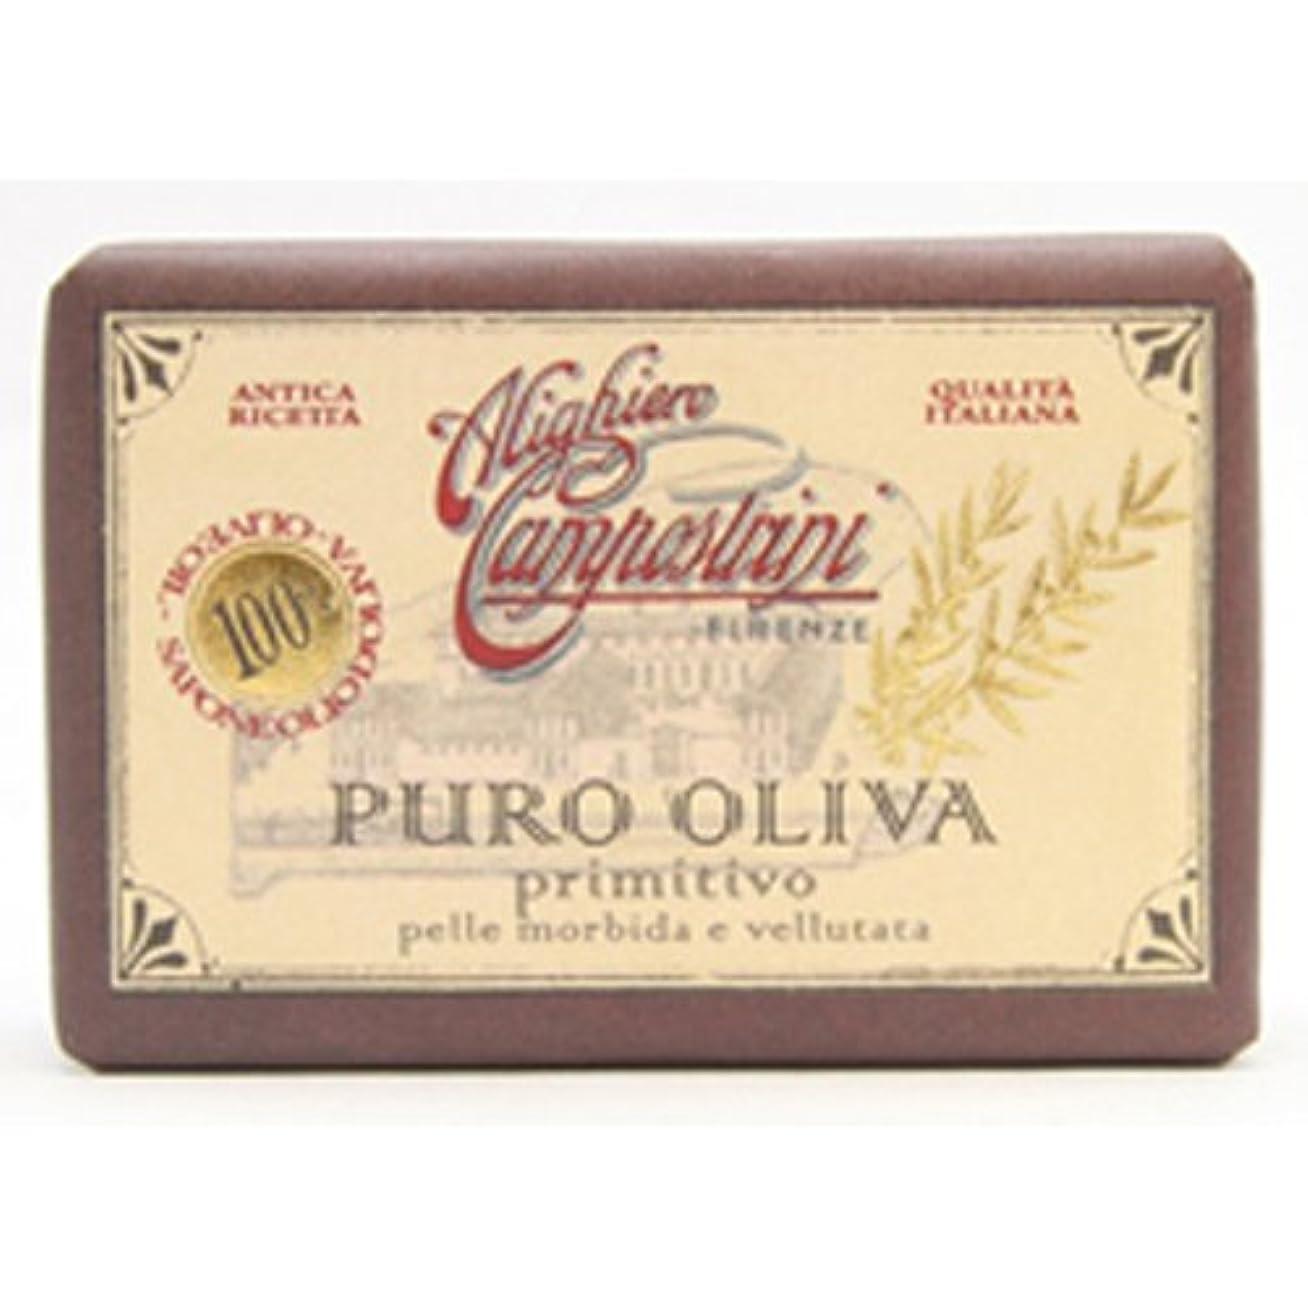 四半期東方証明書Saponerire Fissi サポネリーフィッシー PURO OLIVA Soap オリーブオイル ピュロ ソープ primitivo オリジナル 150g